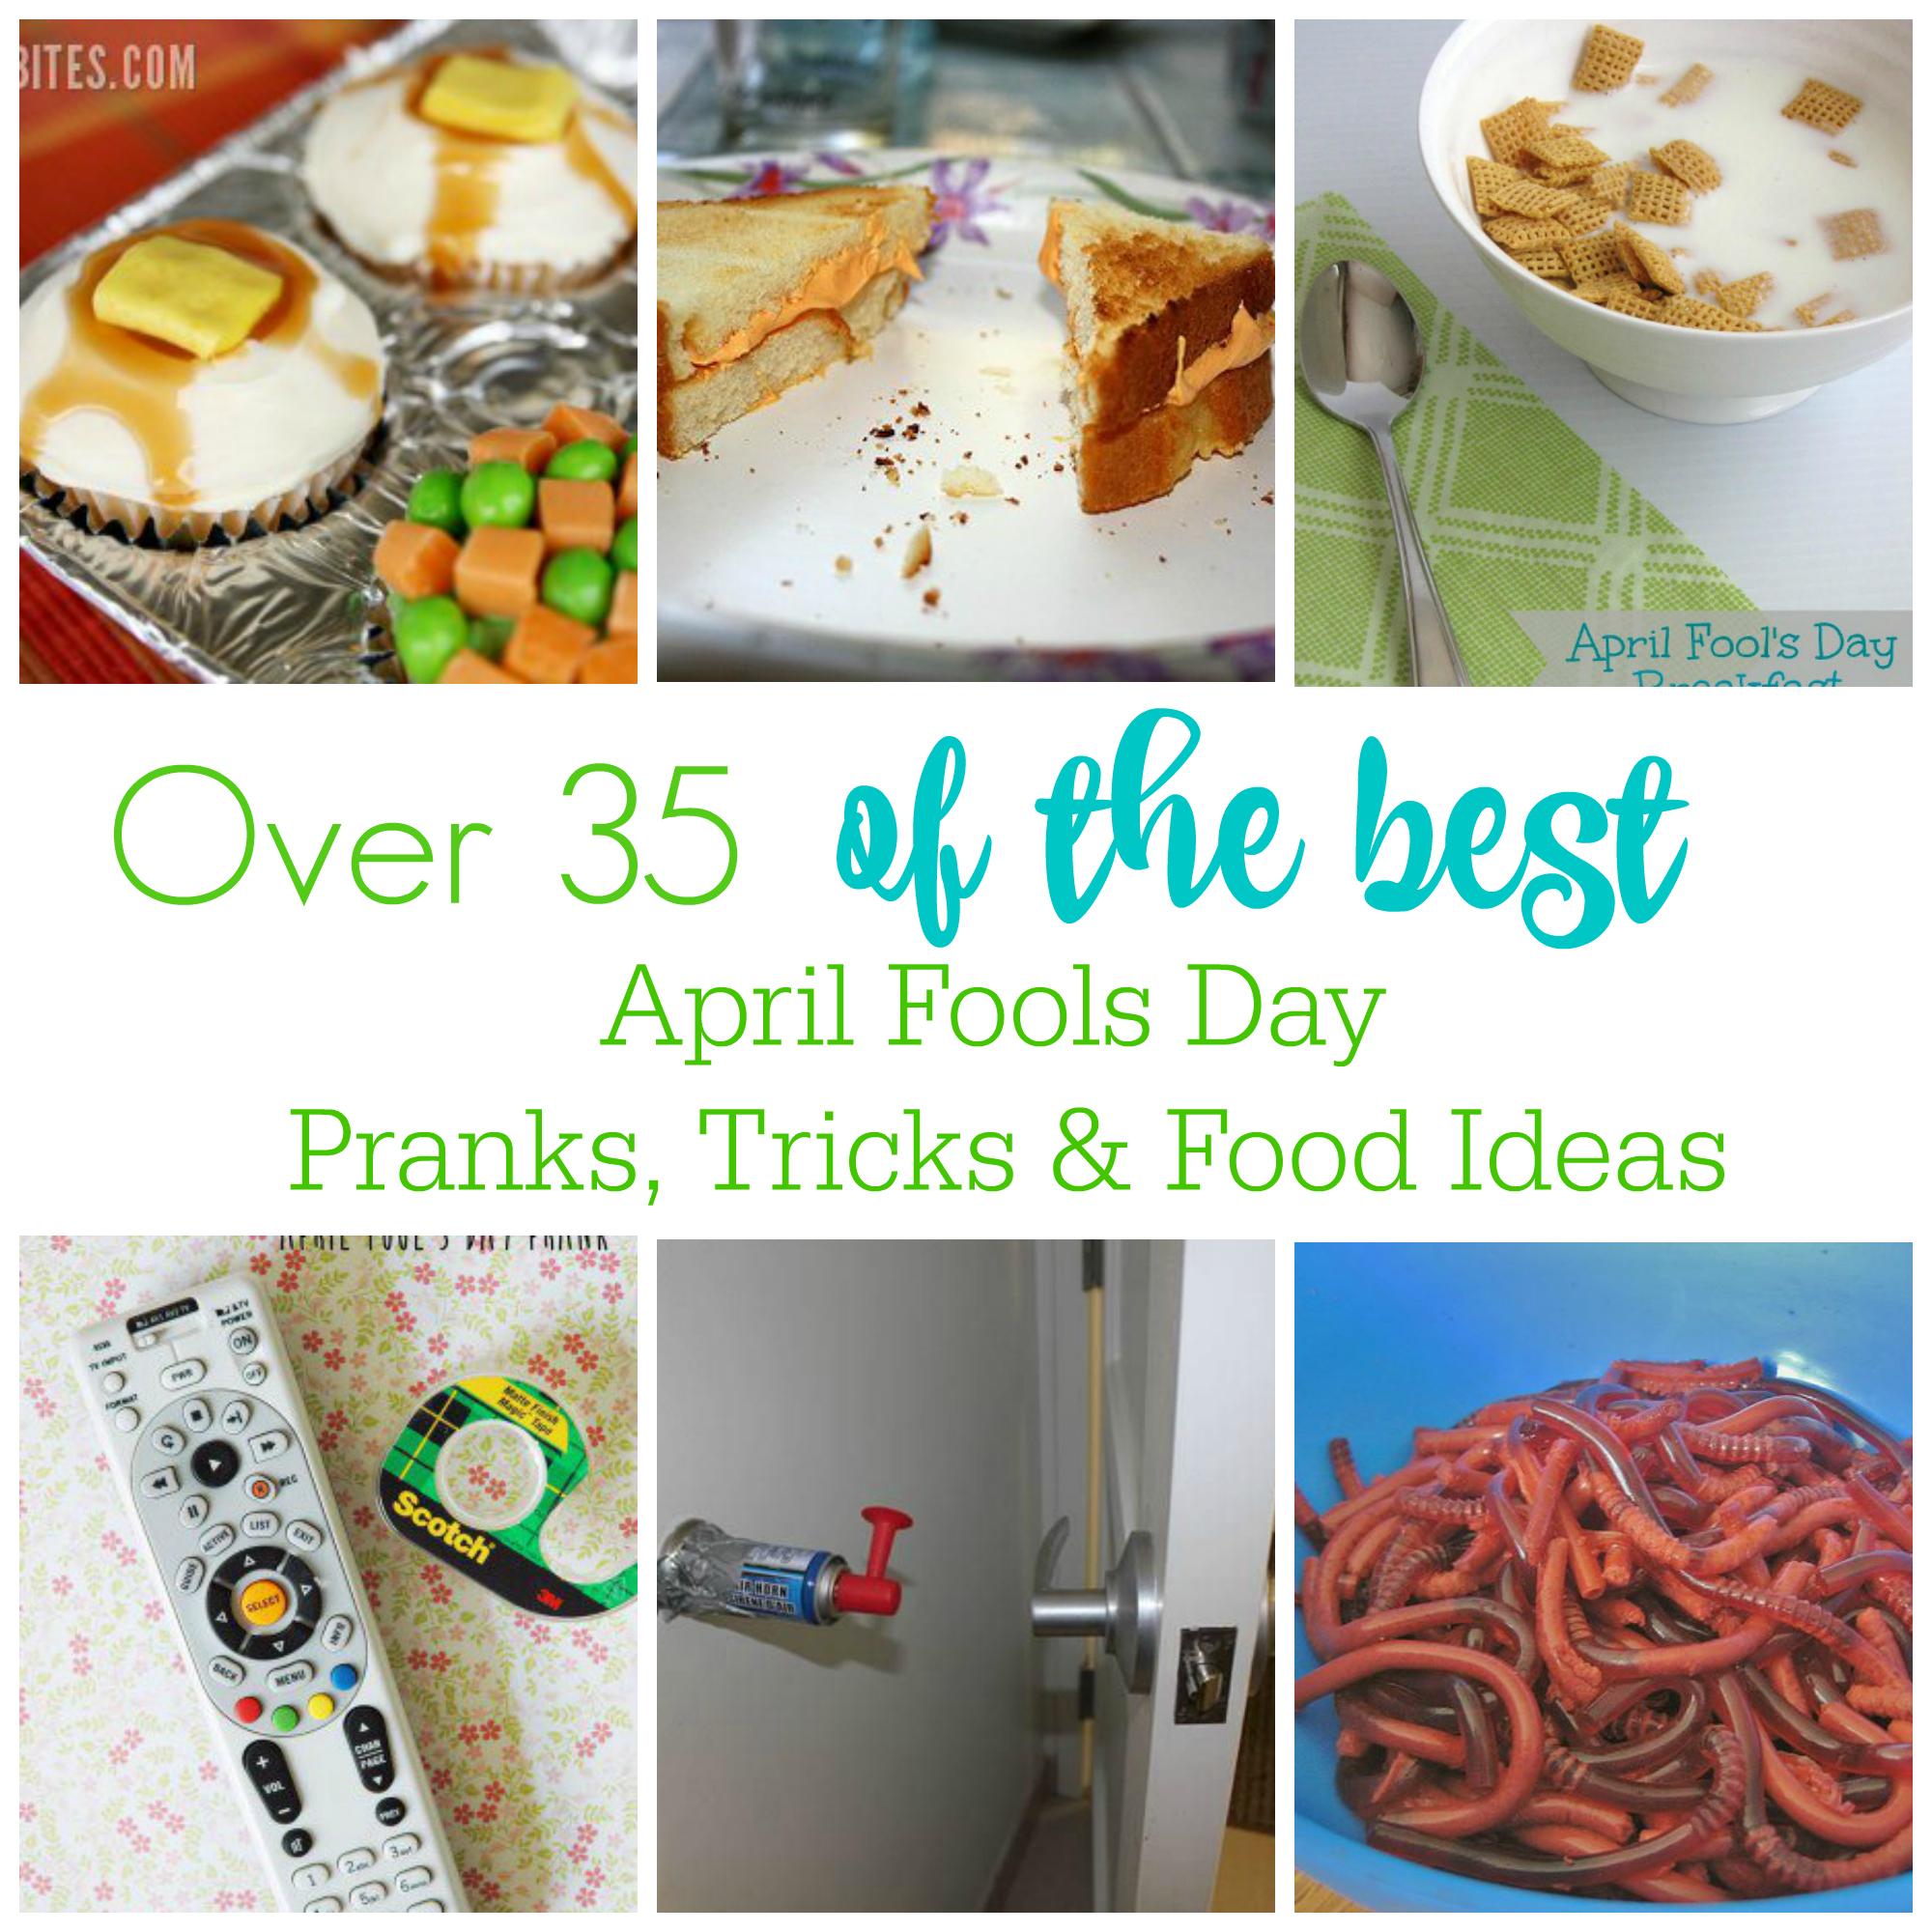 40 April Fools Day Pranks